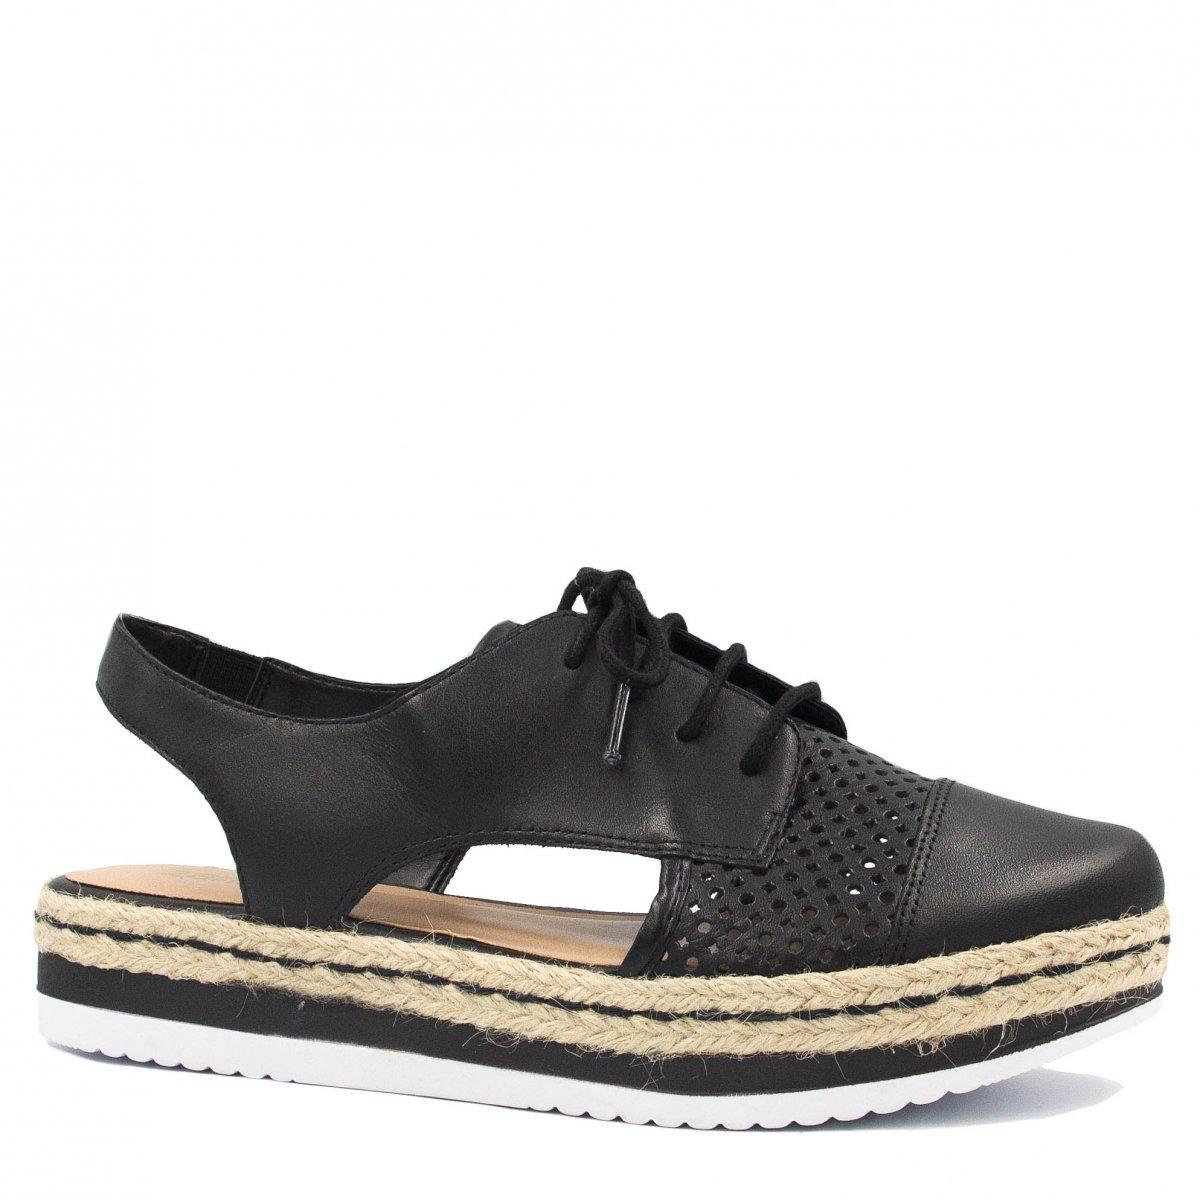 14bed14917 Sapato Feminino Zariff Shoes Oxford Vazado Preto 25224 - R  184